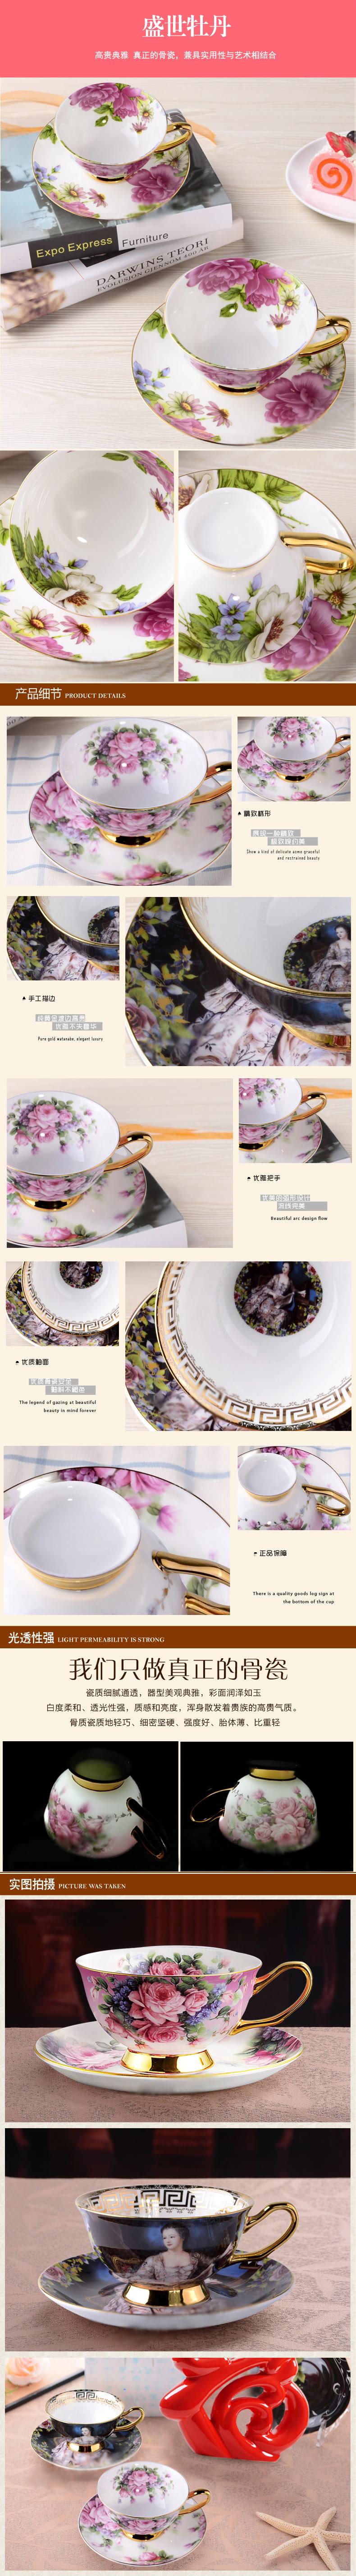 欧式骨瓷咖啡杯套装详情图